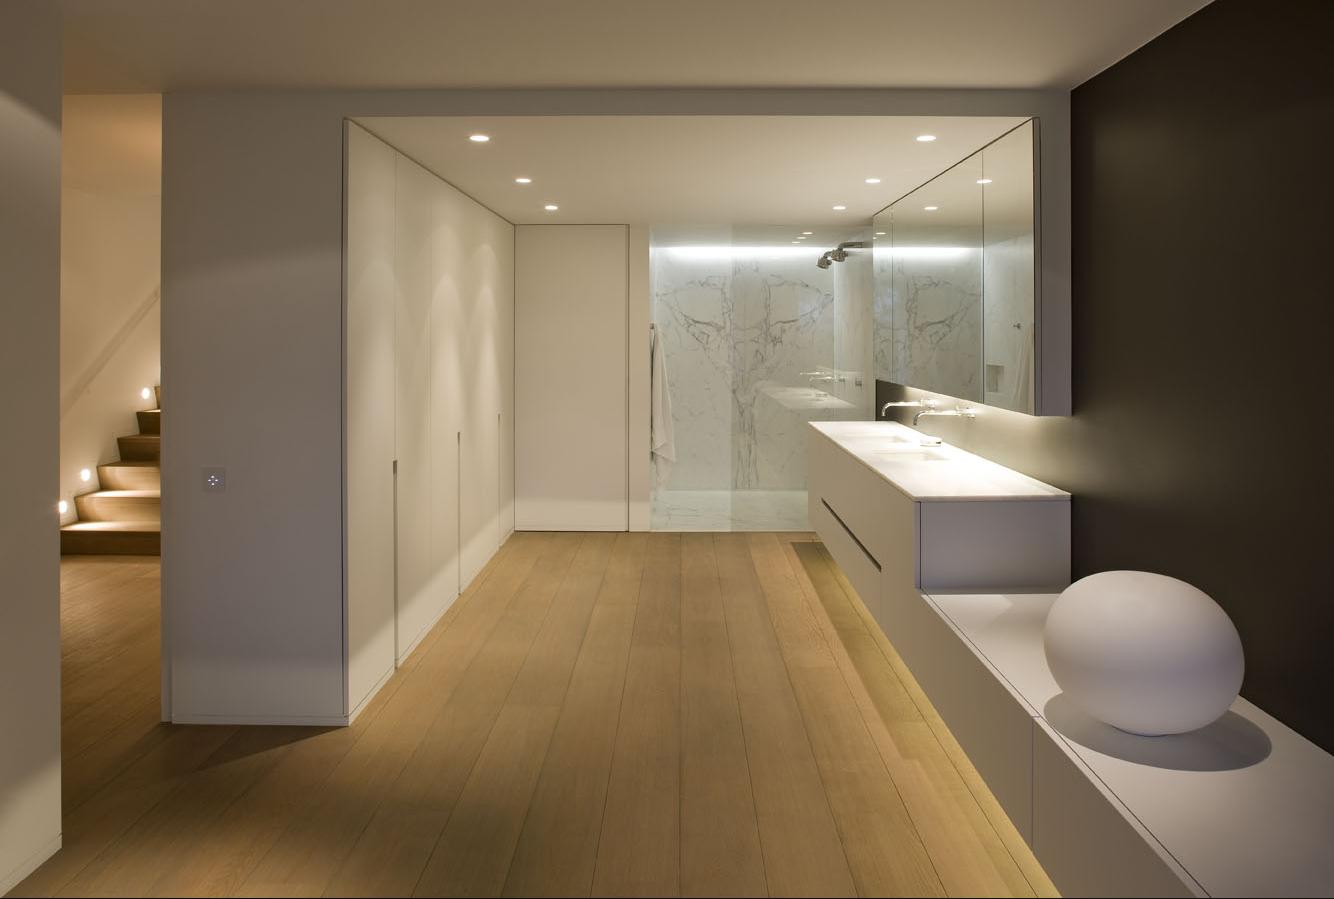 Design appartement inrichting met zicht op zee interieur door inside - Foto badkamer meubels ...